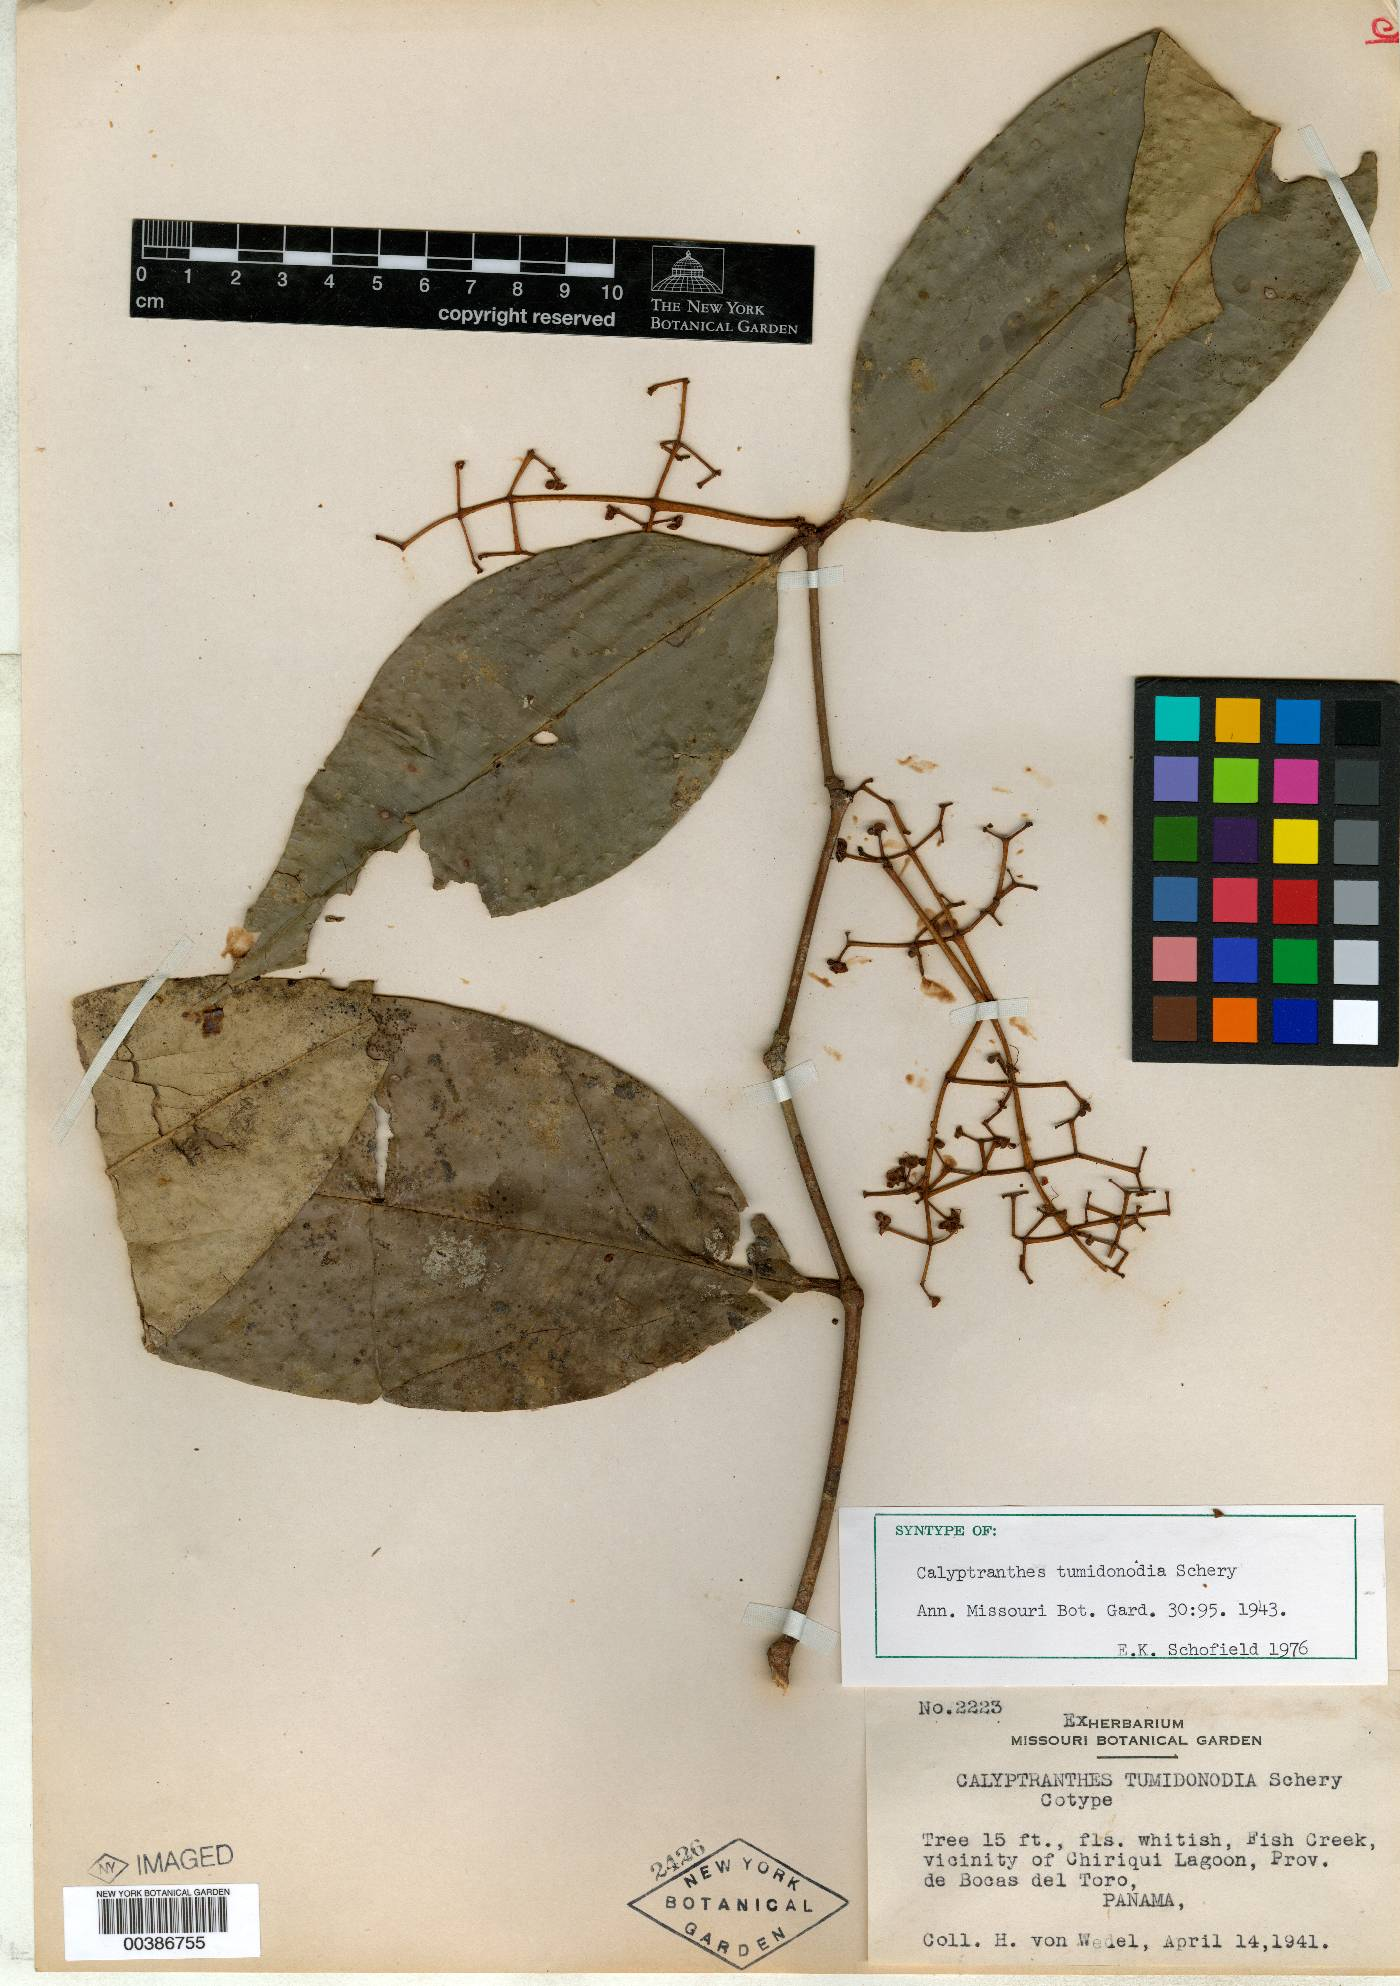 Calyptranthes tumidonodia image